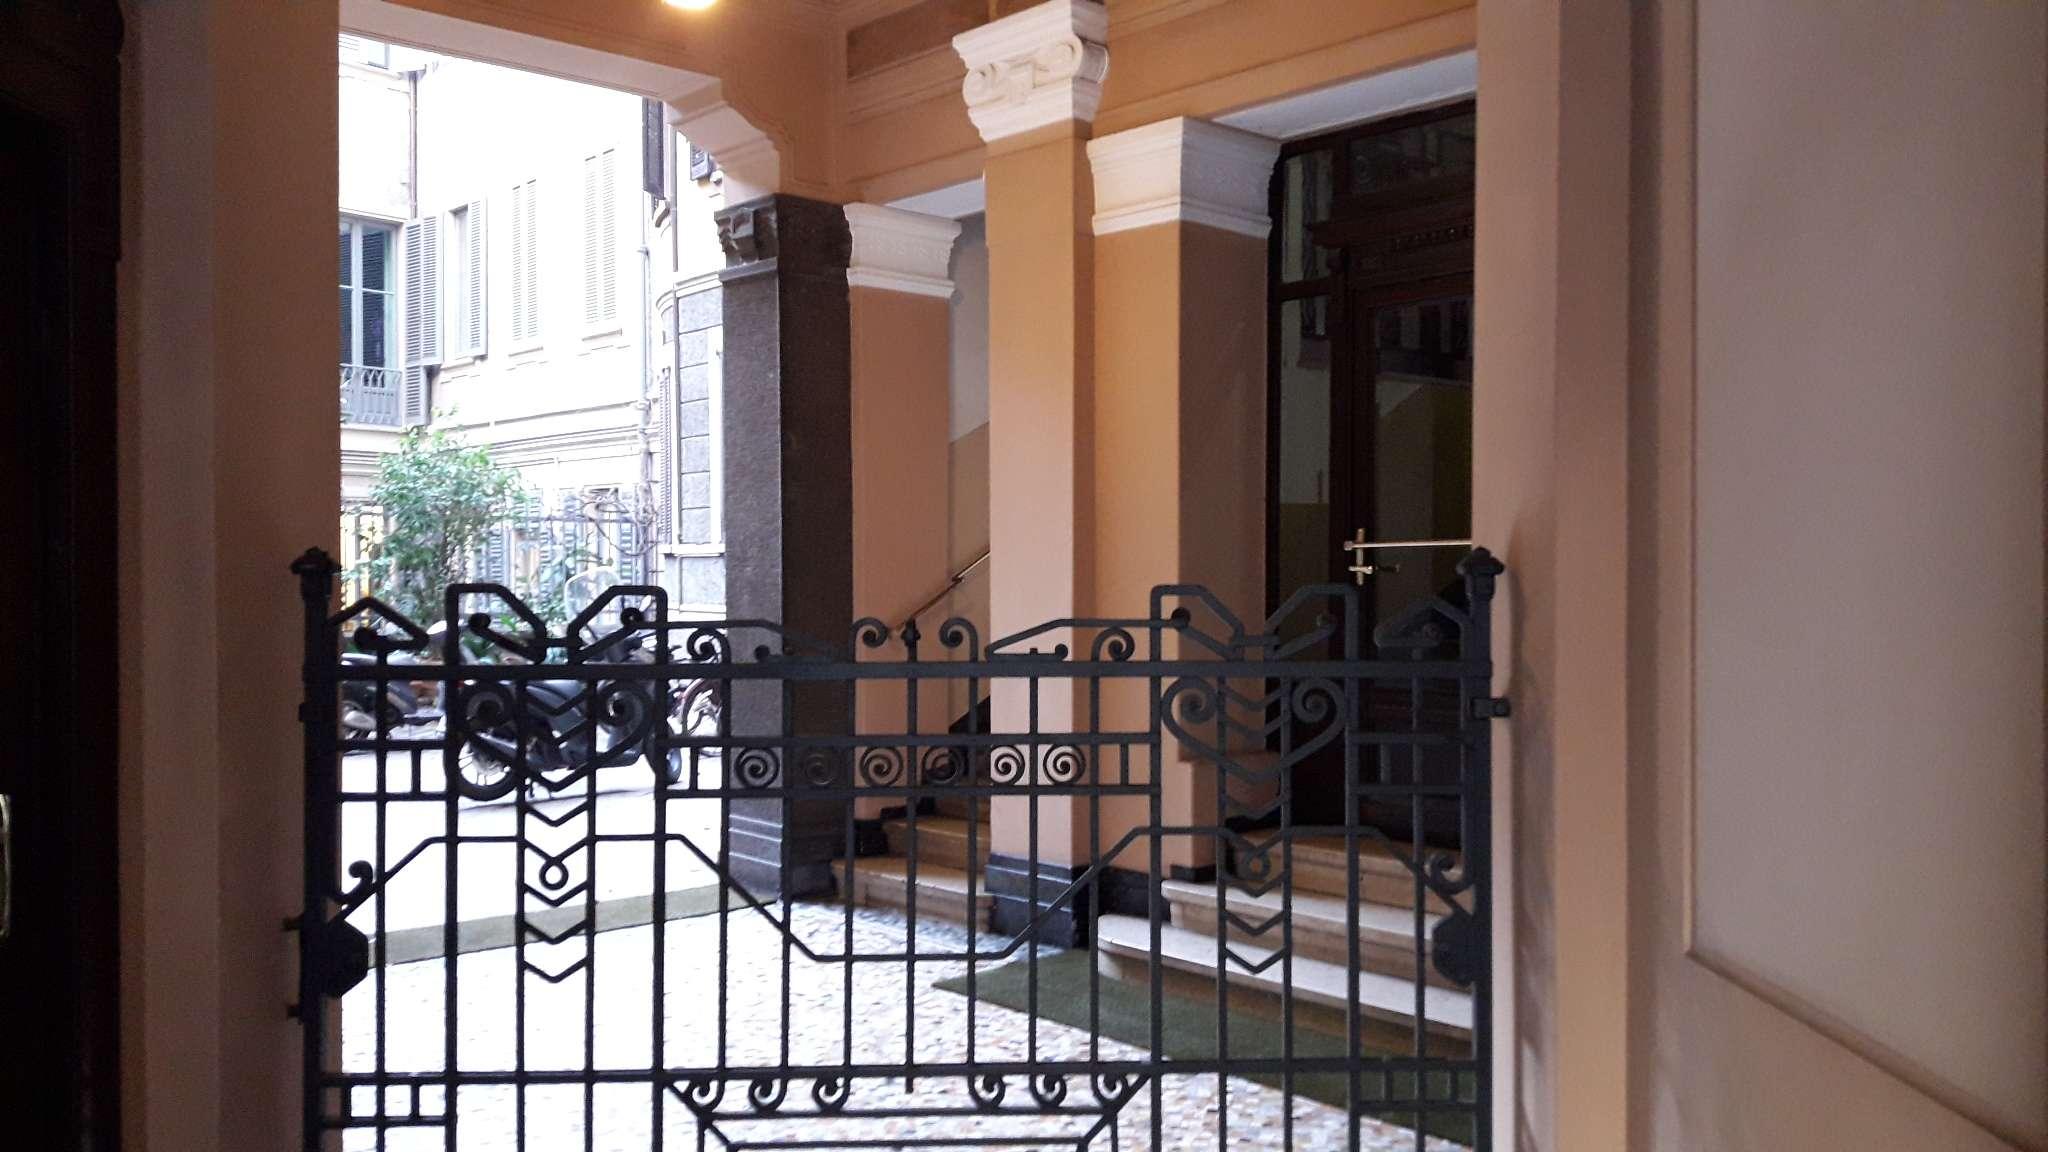 Appartamento in affitto a Milano, 7 locali, zona Zona: 1 . Centro Storico, Duomo, Brera, Cadorna, Cattolica, prezzo € 3.750 | Cambio Casa.it